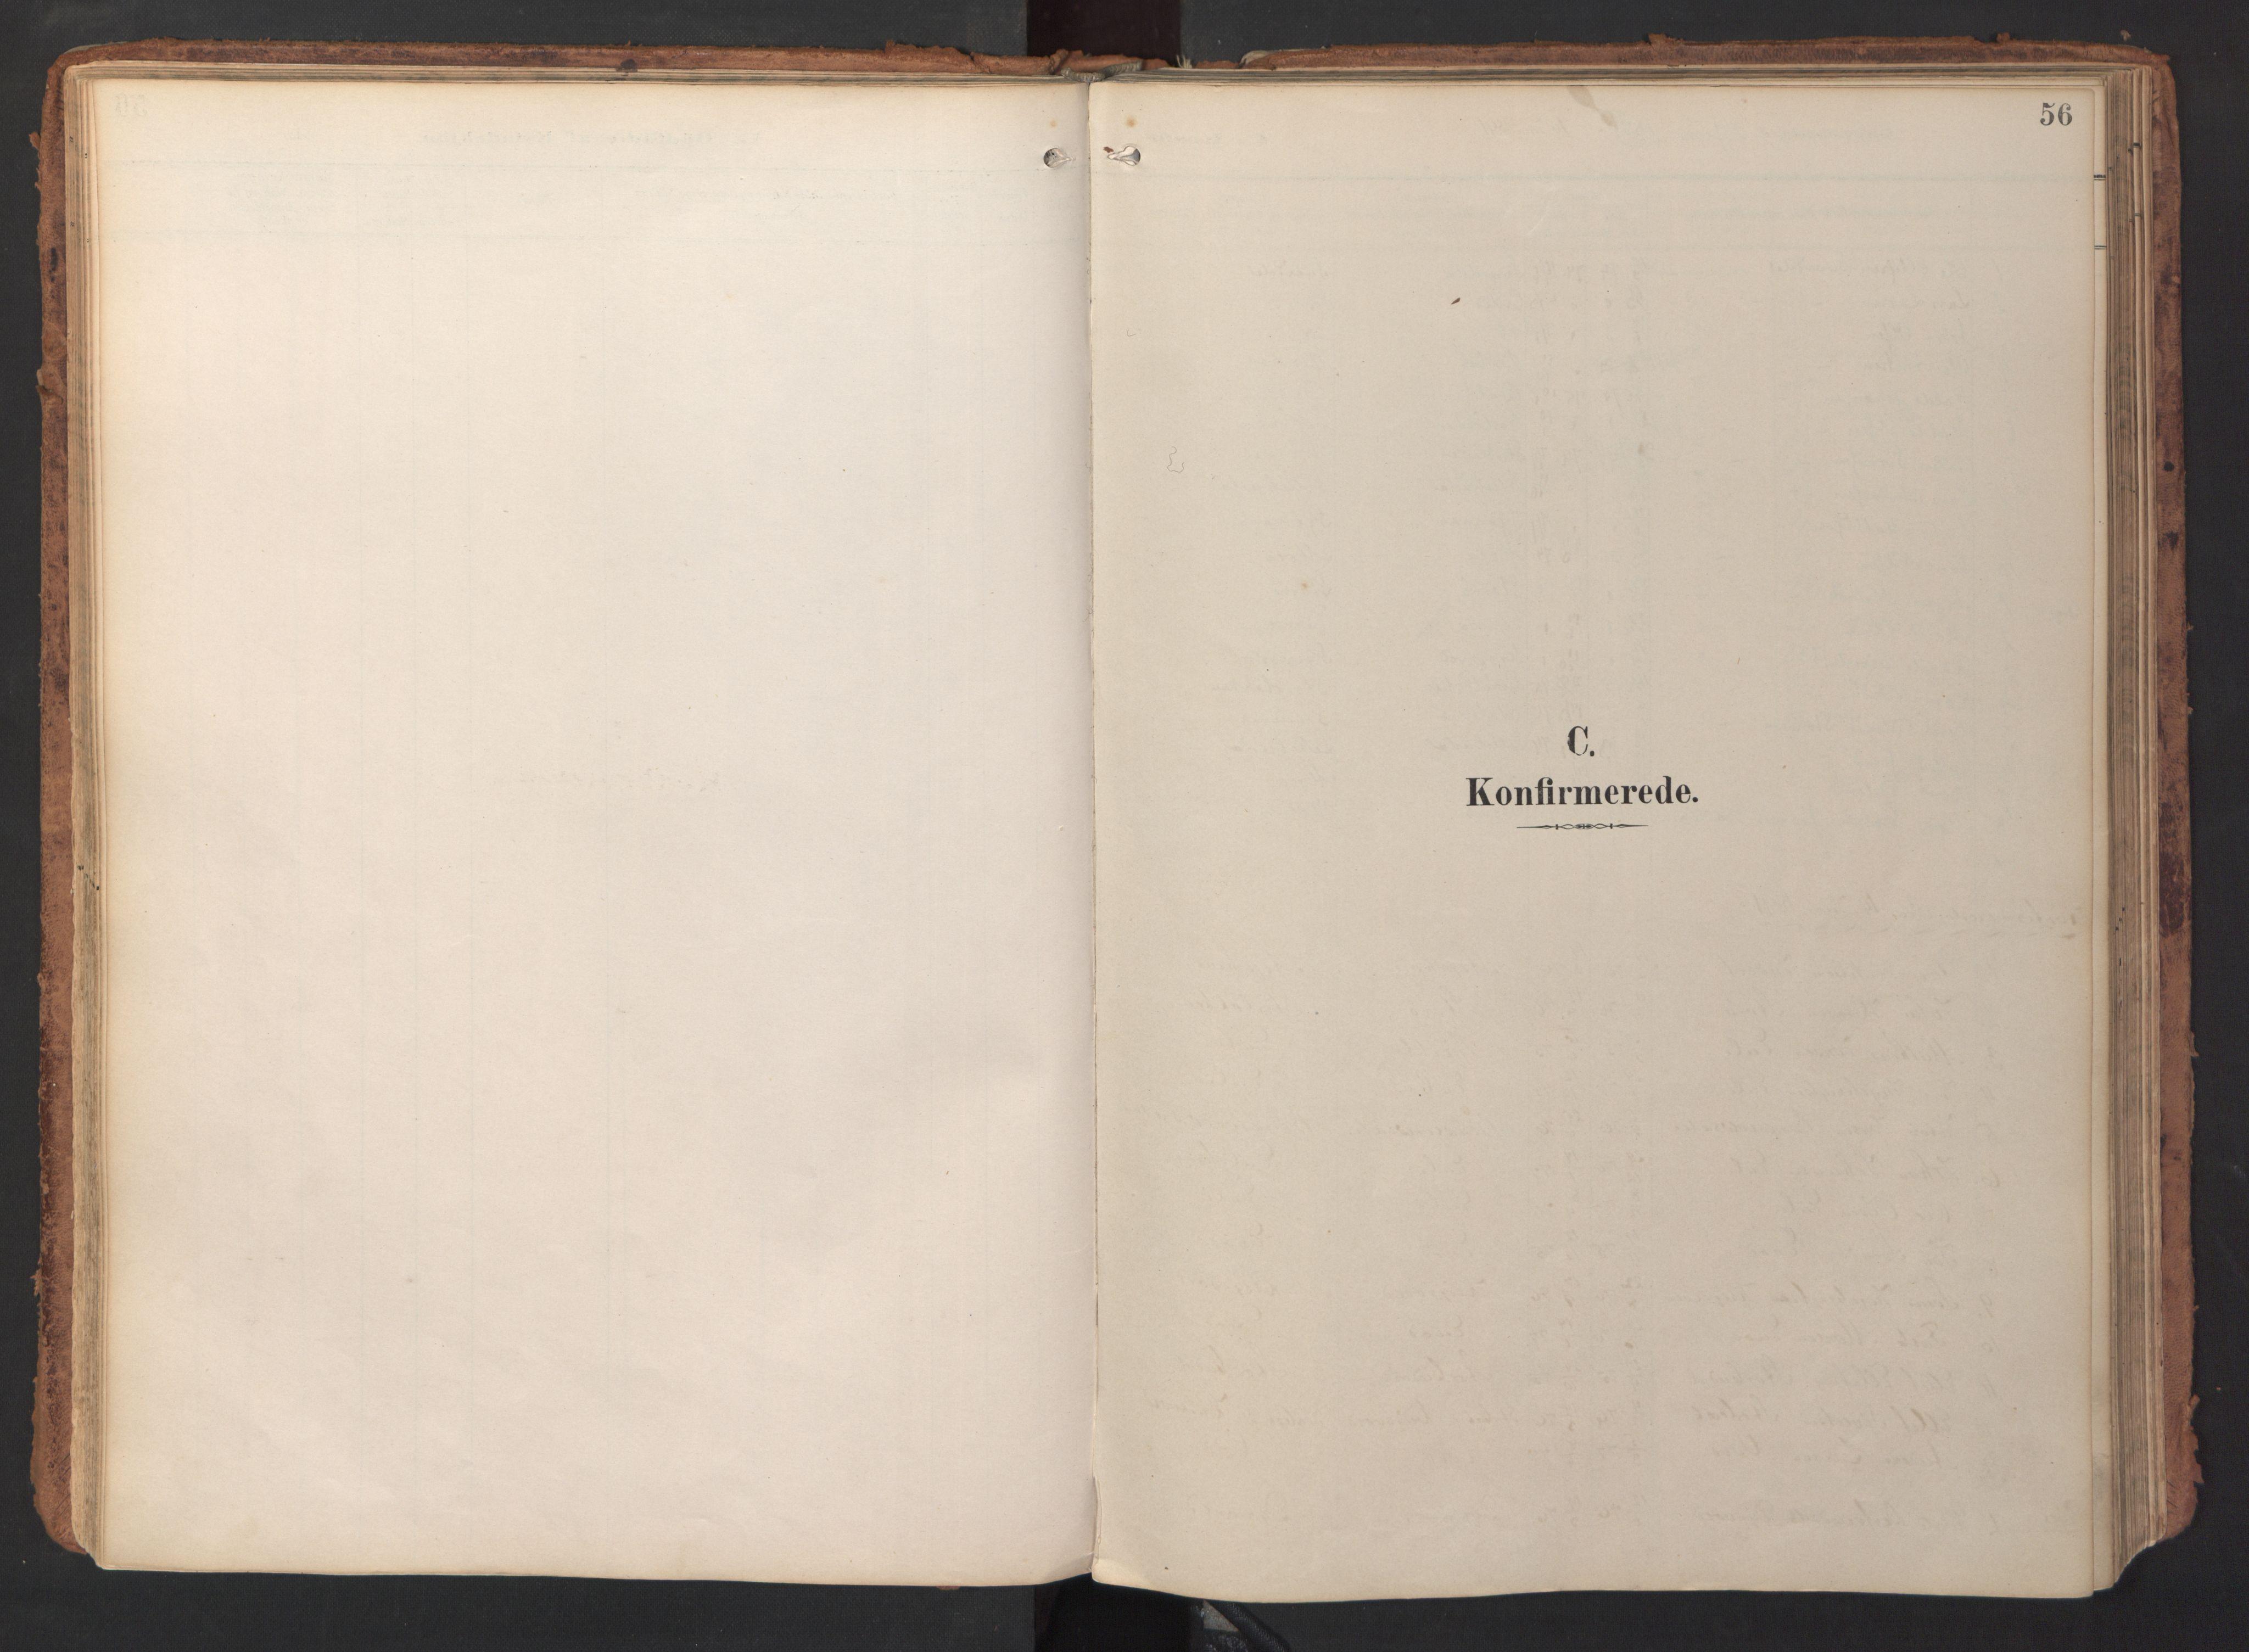 SAT, Ministerialprotokoller, klokkerbøker og fødselsregistre - Sør-Trøndelag, 690/L1050: Ministerialbok nr. 690A01, 1889-1929, s. 56